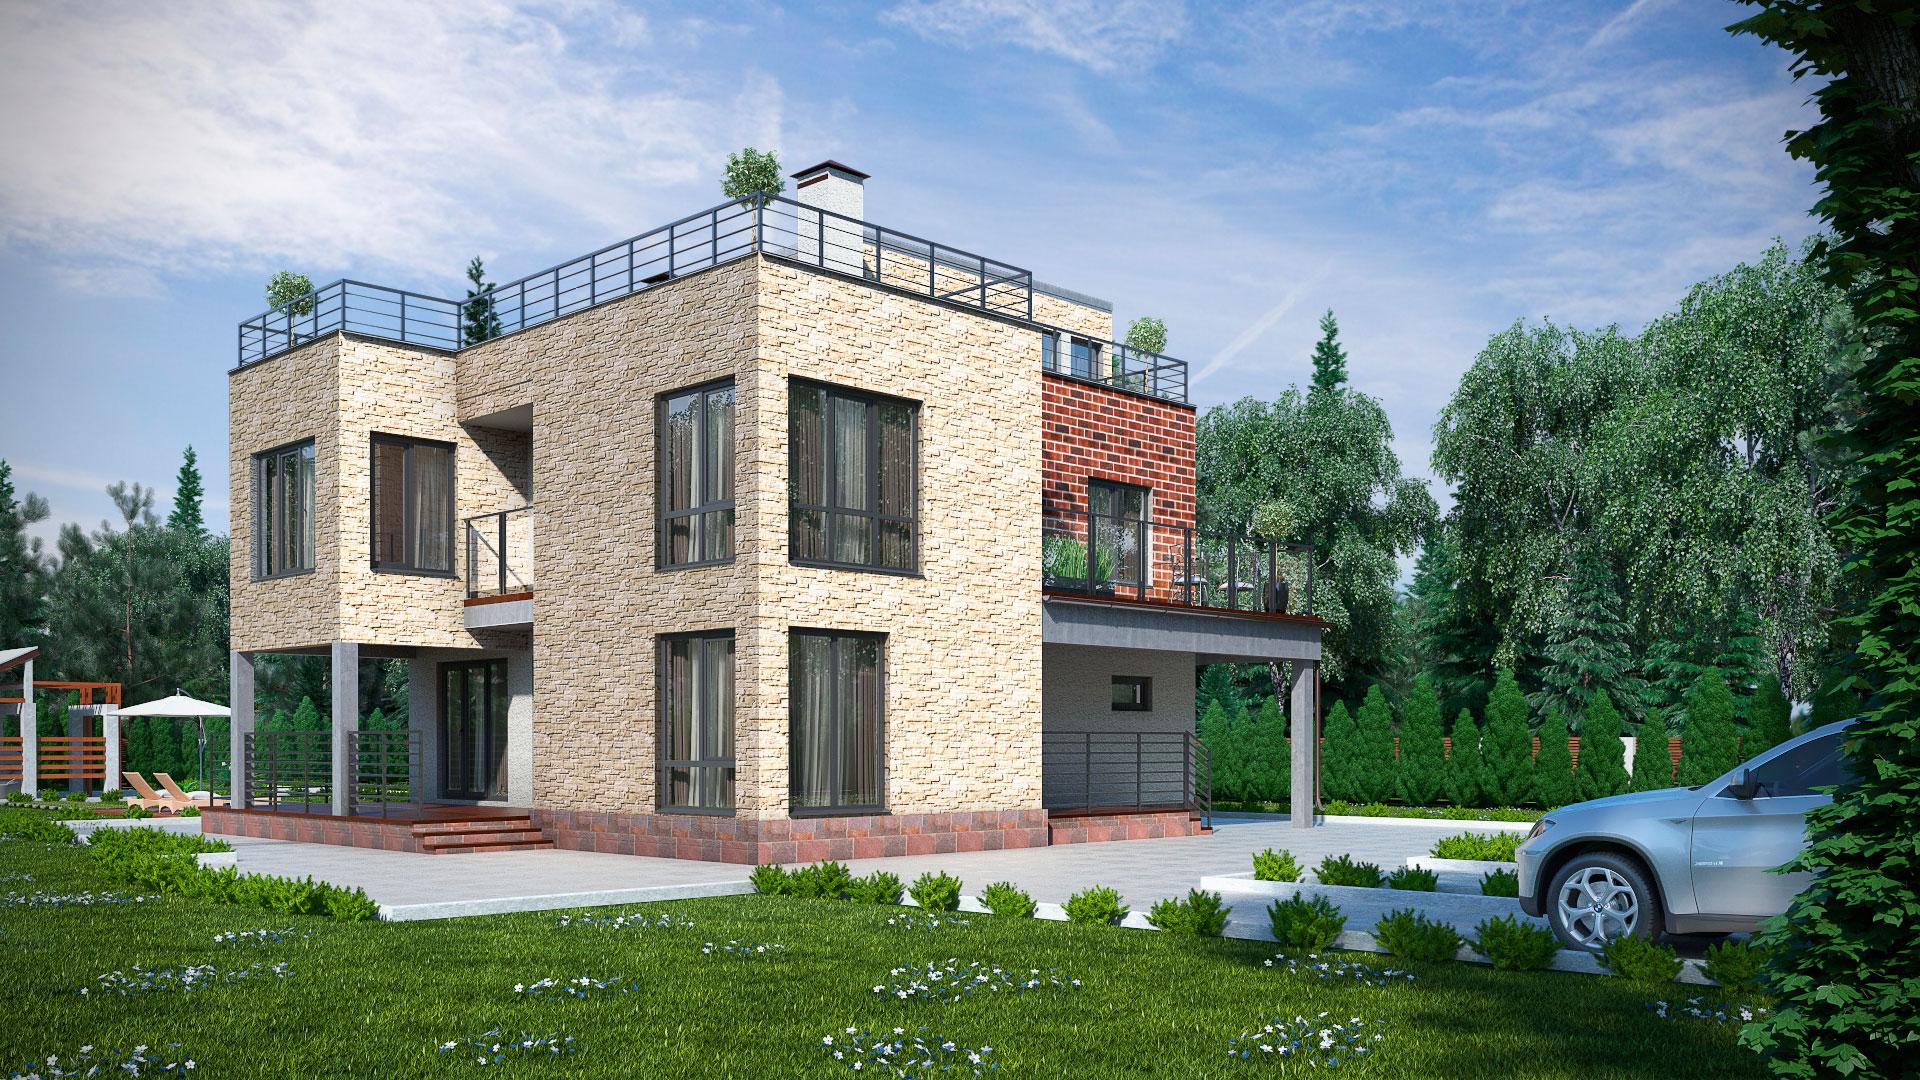 Передний фасад двухэтажного дома с эксплуатируемой крышей, проект БЭНПАН МС-247.